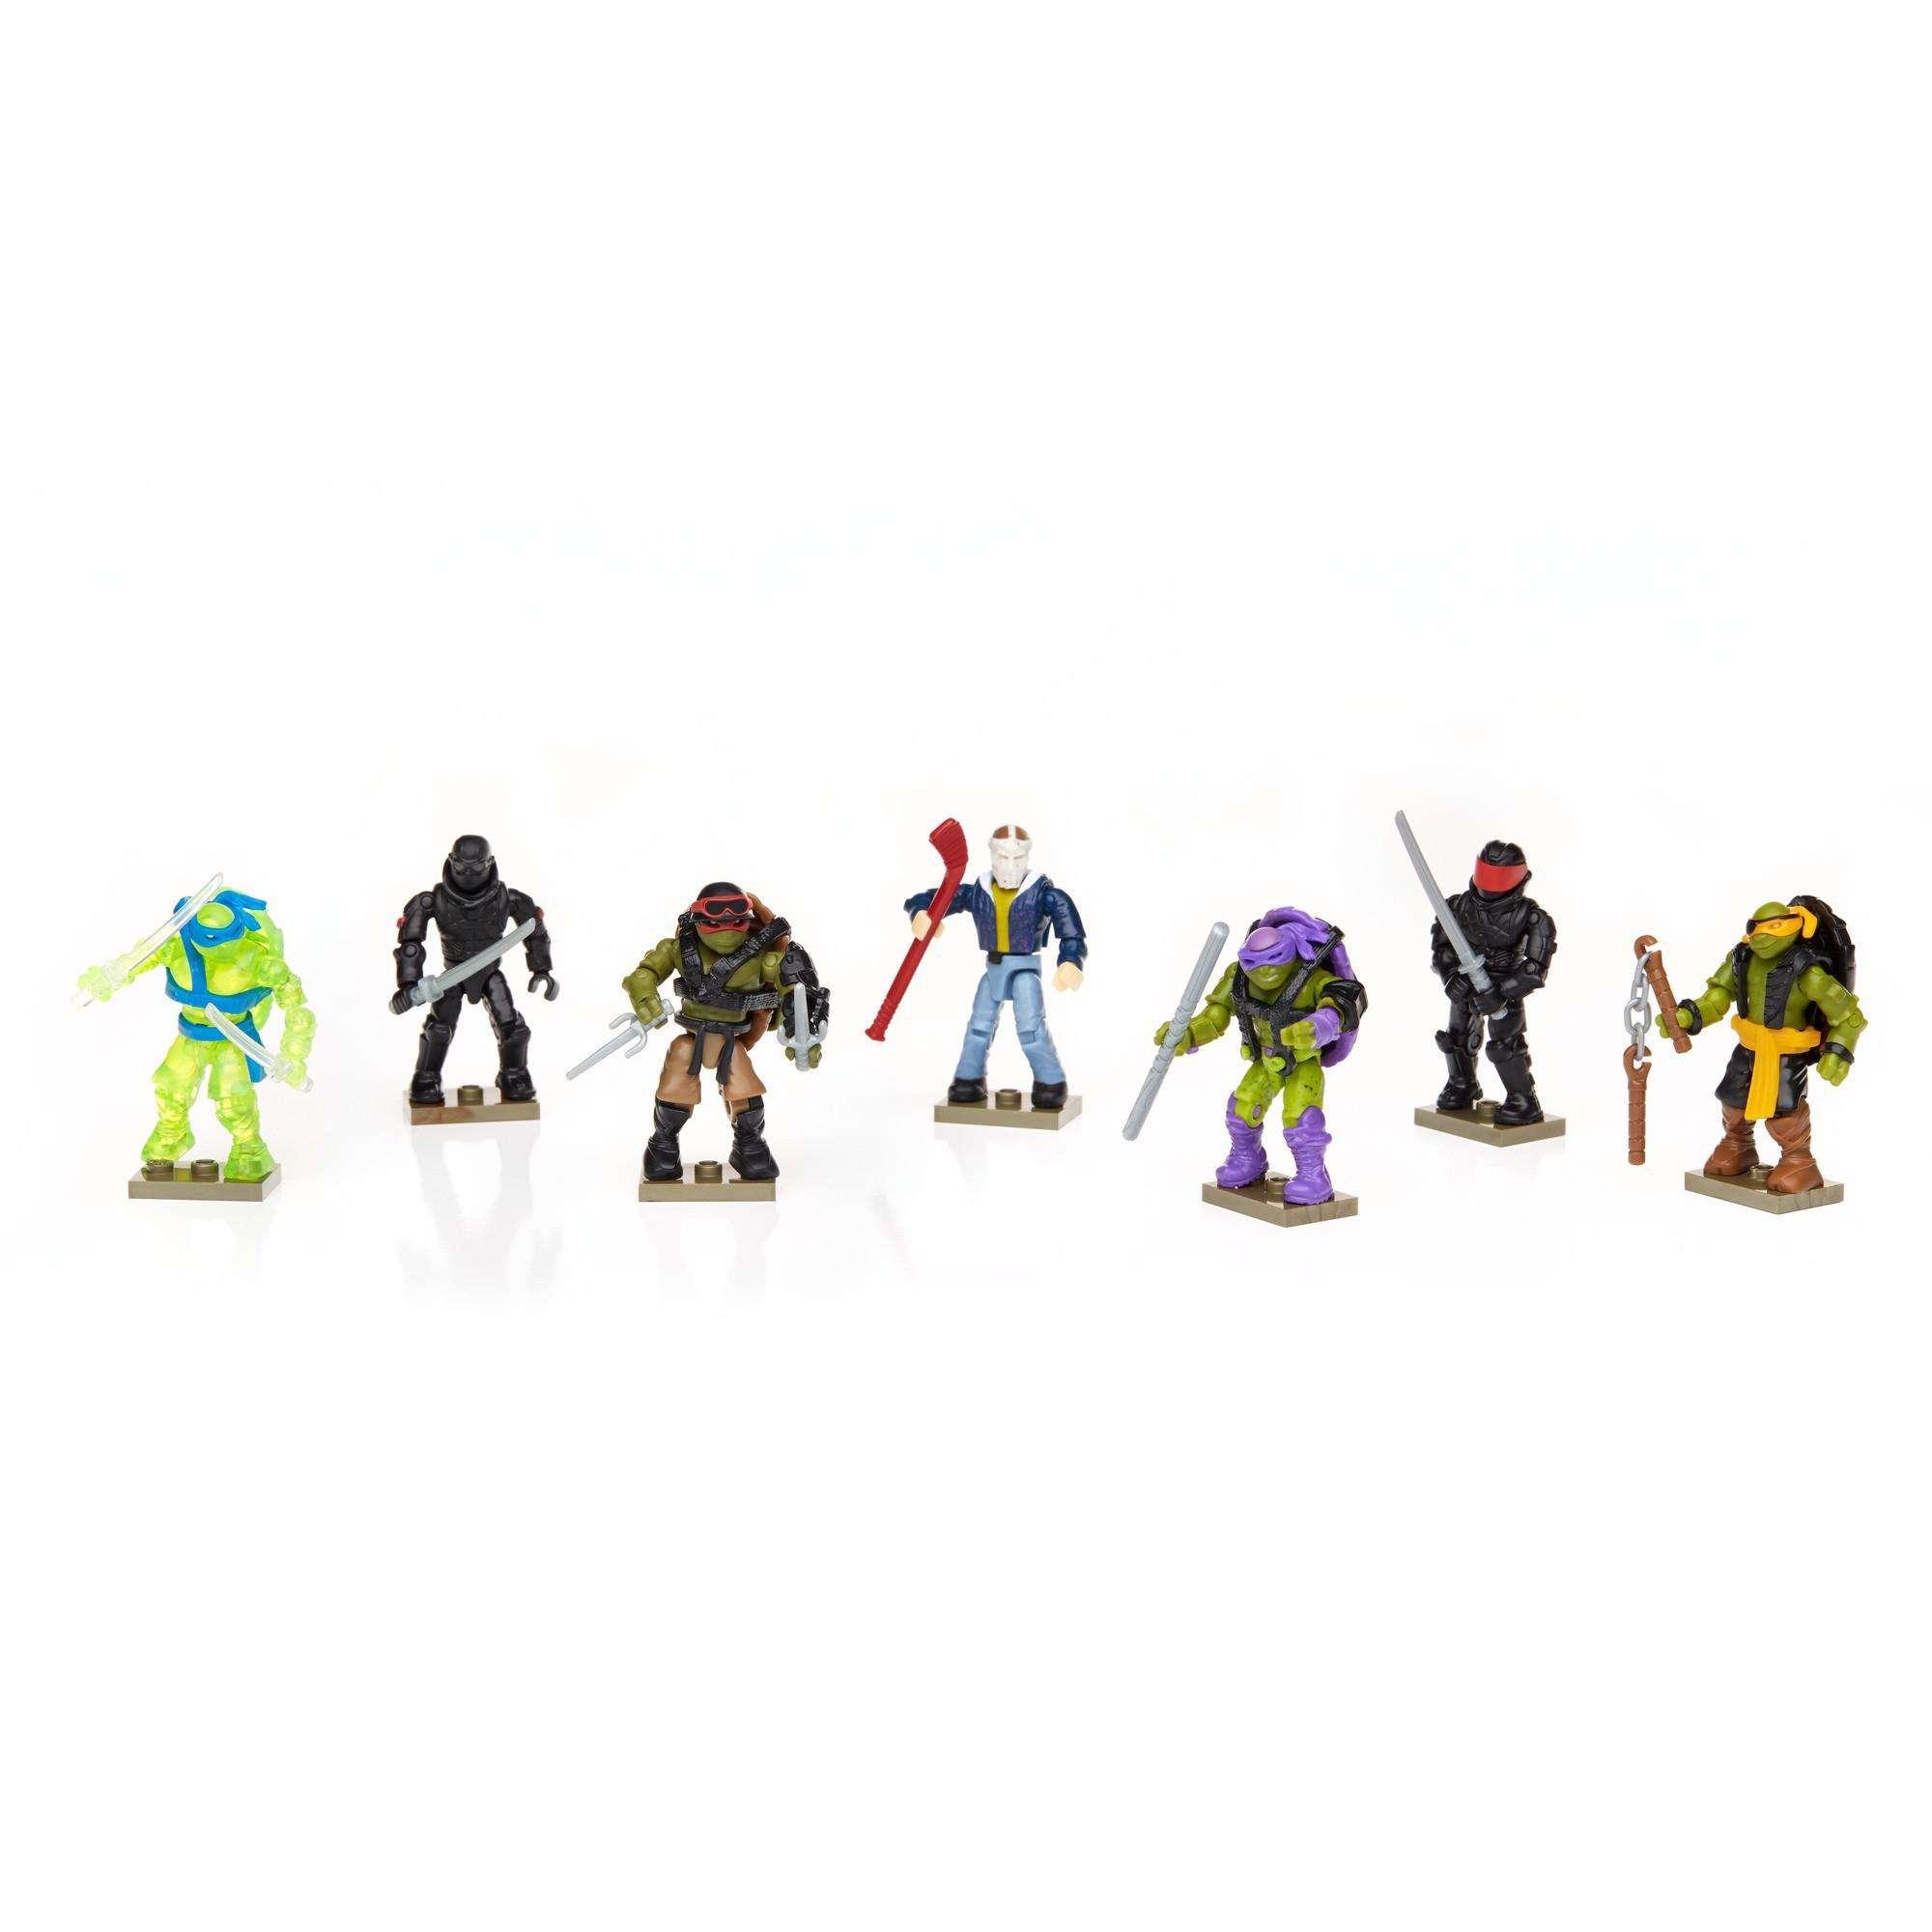 Mega Bloks Teenage Mutant Ninja Turtles Movie Character Pack